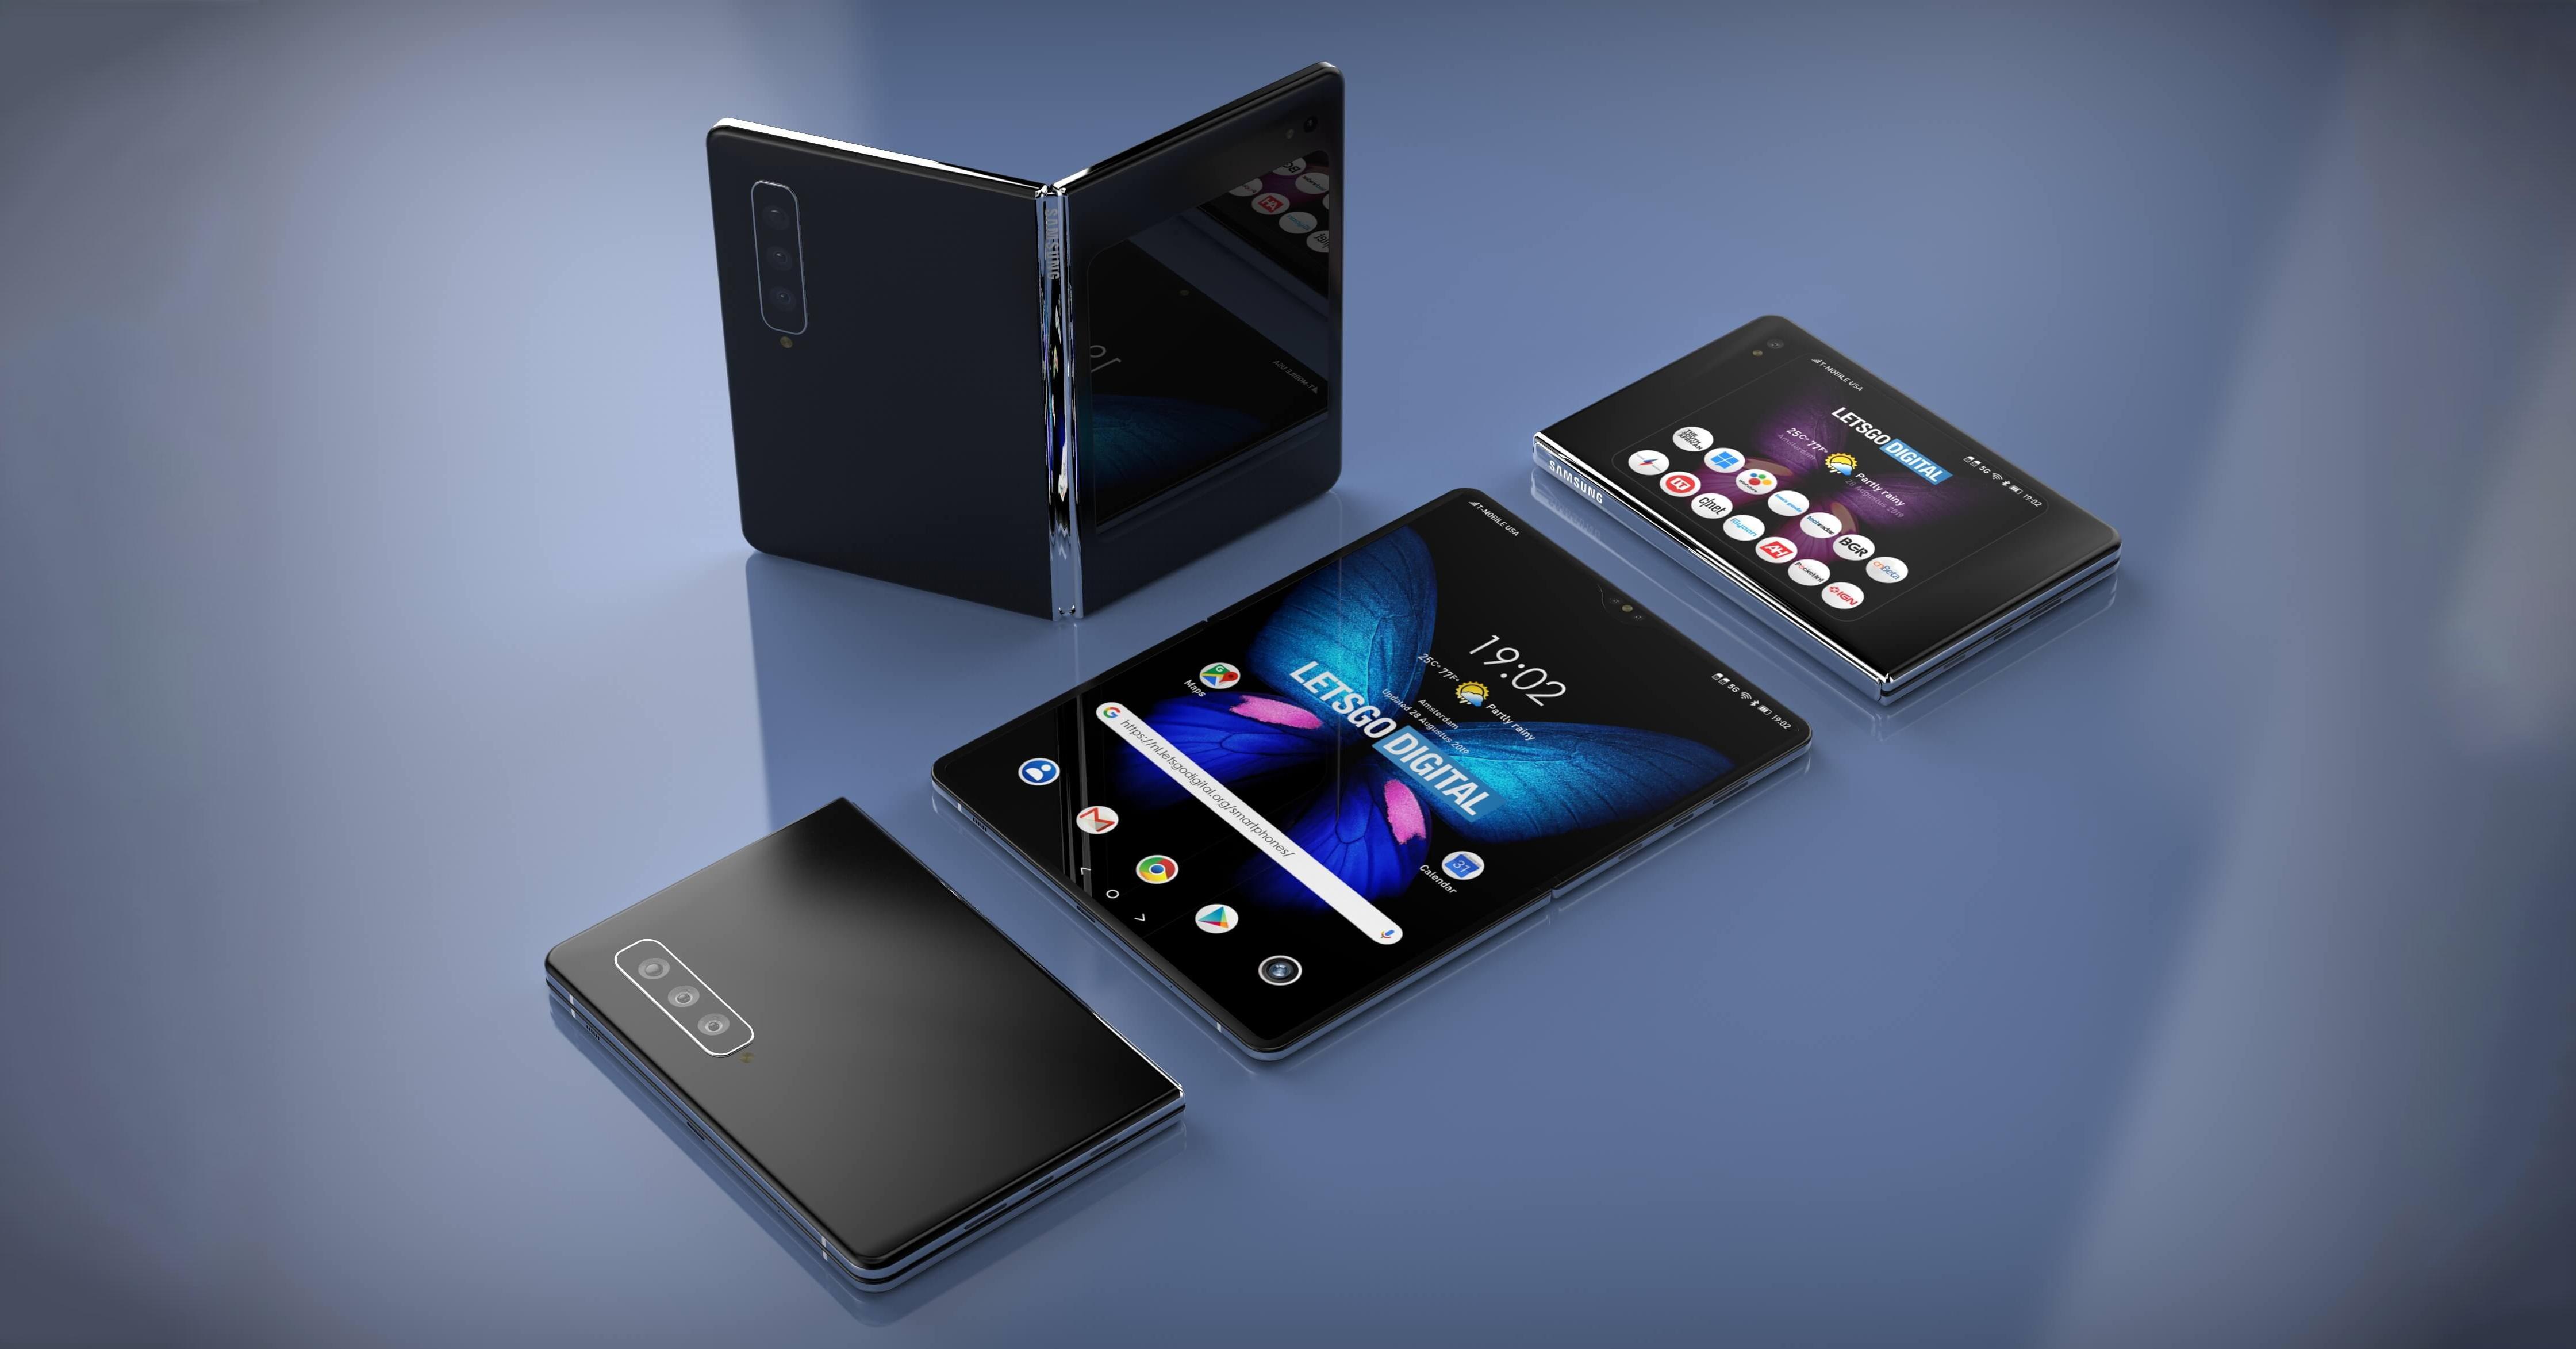 Galaxy Fold 2 sẽ có thiết kế dạng vỏ sò, màn hình 6.7 inch, bản lề ...